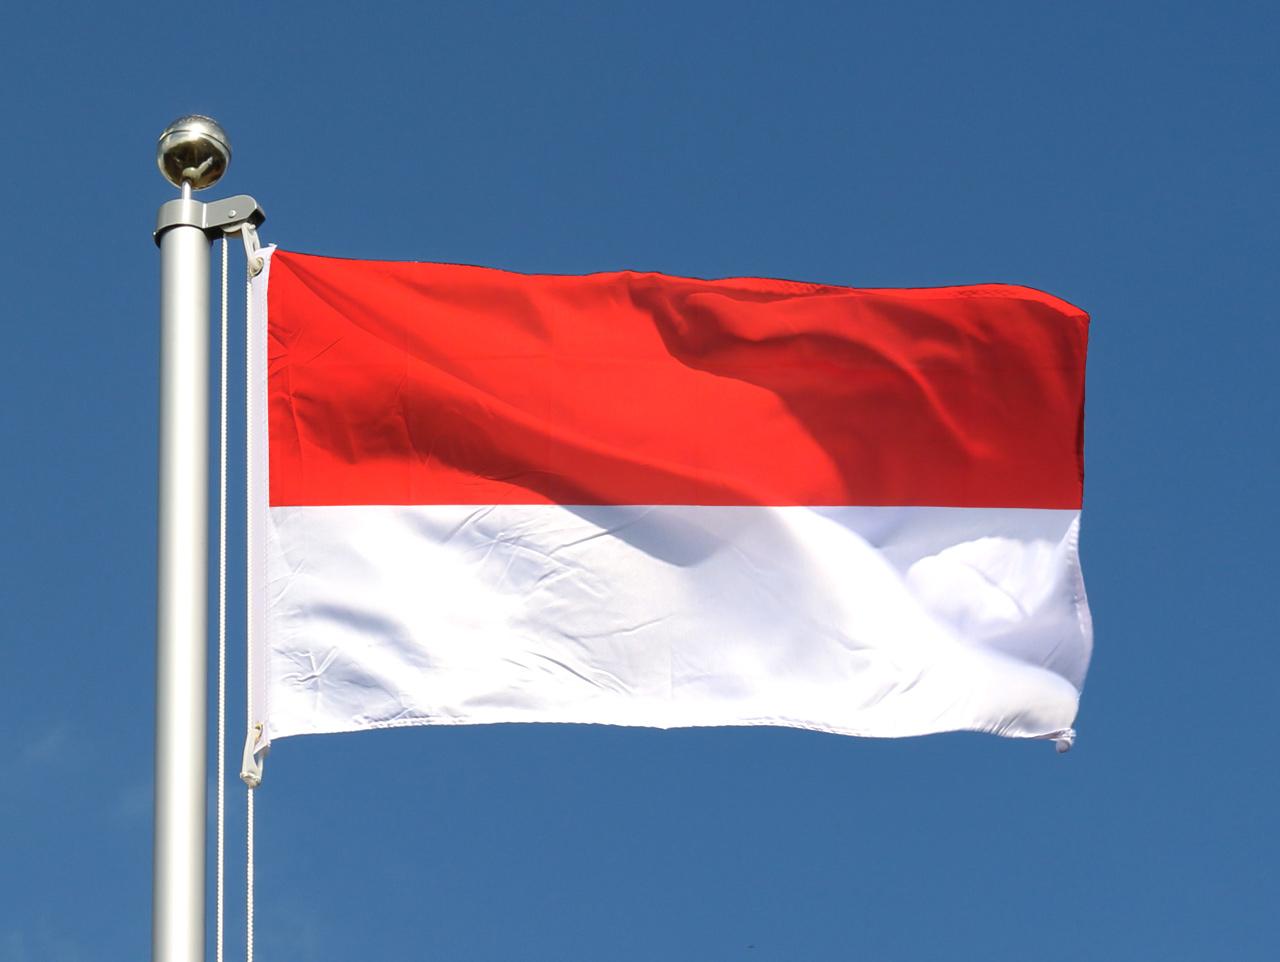 Drapeau De L Indonésie l'indonésie aspire à renforcer ses relations avec le maroc - barlamane